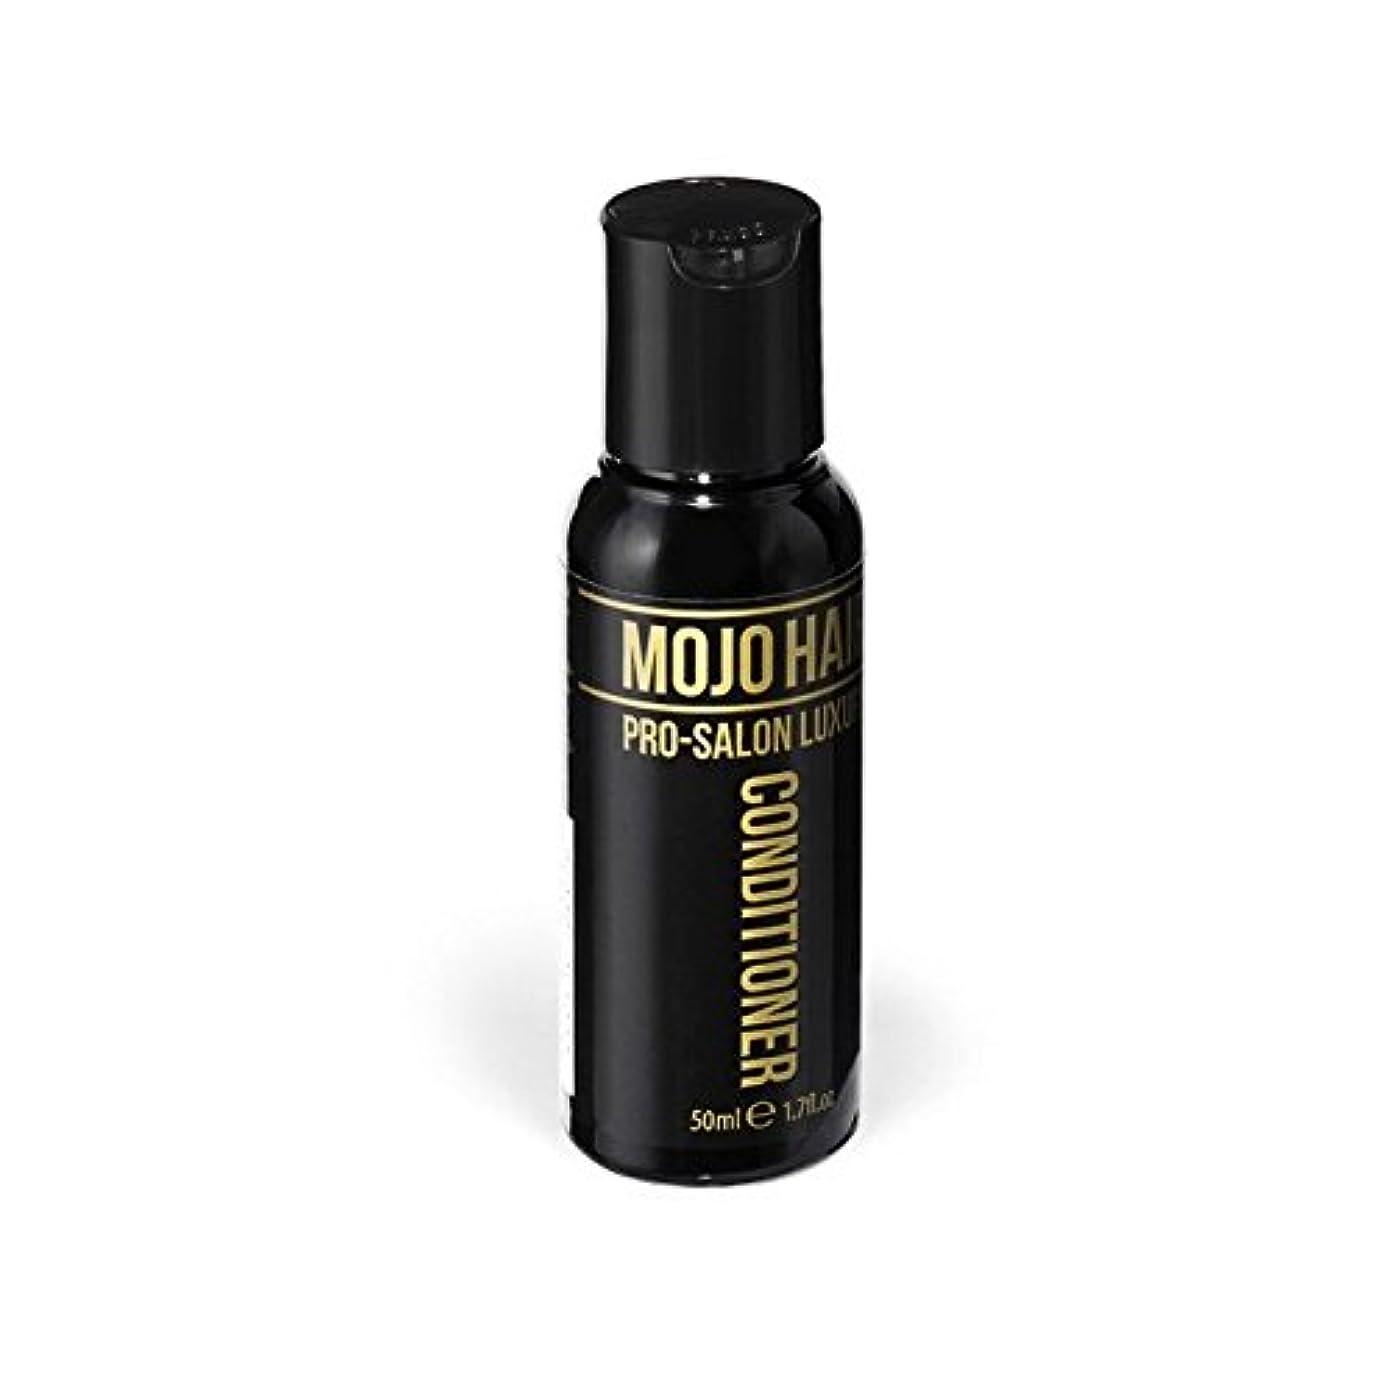 サーマル新着作り上げるモジョの毛プロのサロンの贅沢なコンディショナー(50ミリリットル) x2 - Mojo Hair Pro-Salon Luxury Conditioner (50ml) (Pack of 2) [並行輸入品]